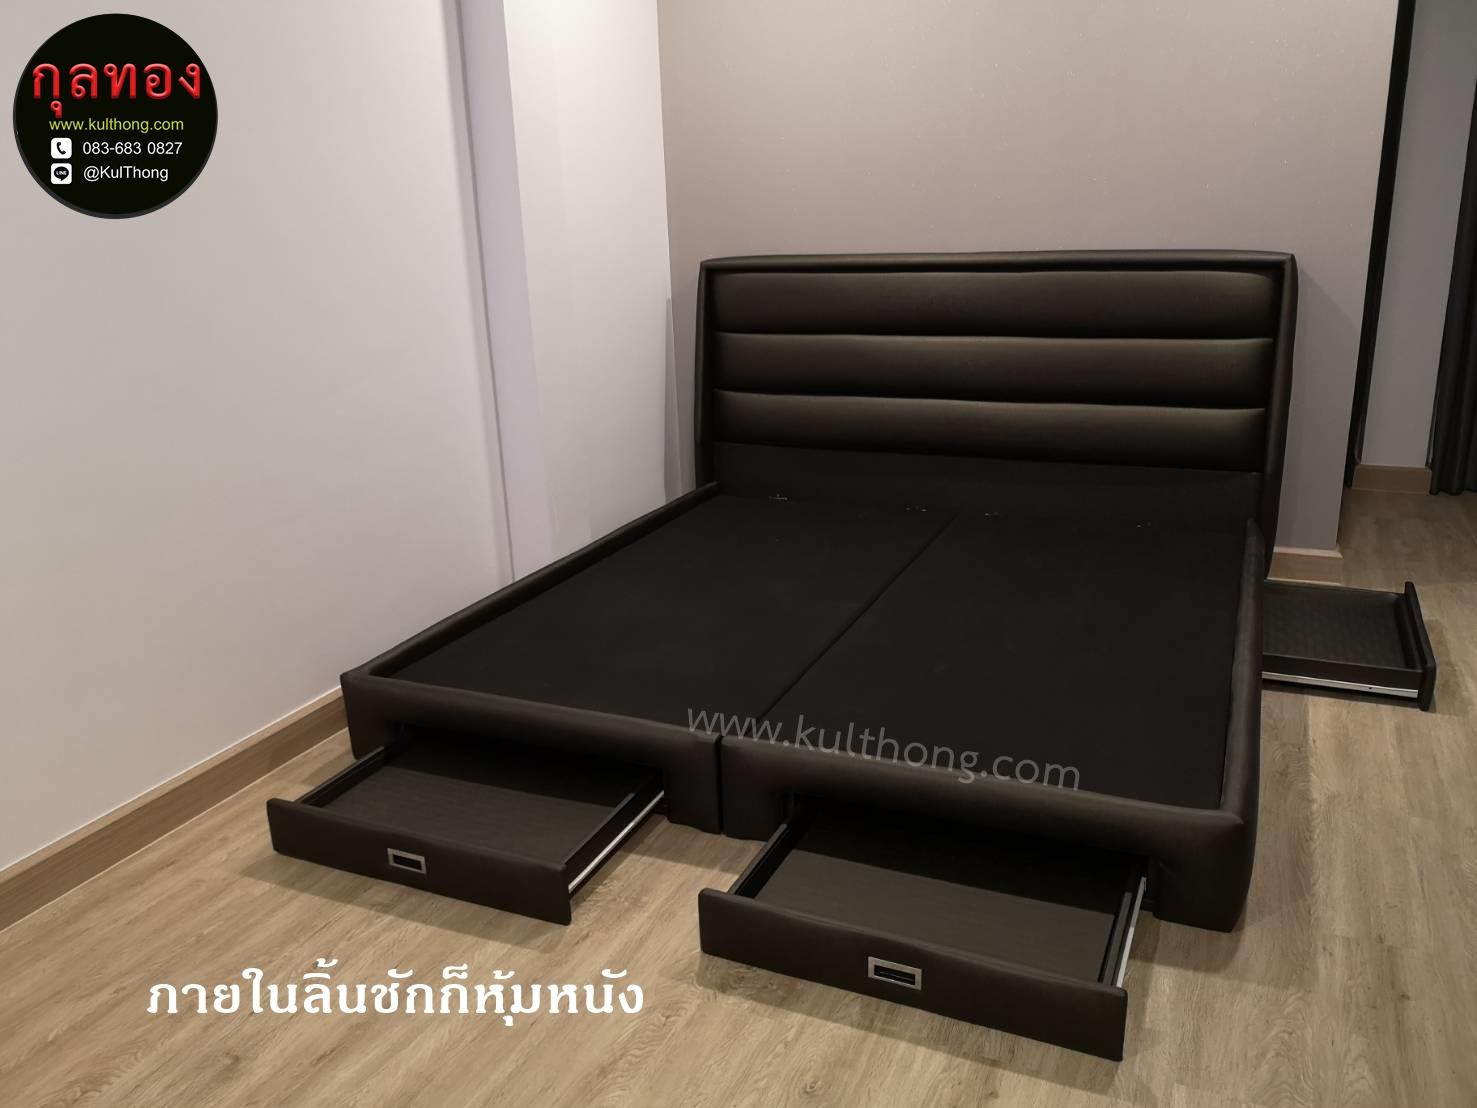 เตียงลิ้นชักหุ้มหนัง เตียงเก็บของ ฐานเตียงแบบมีหัวเตียง